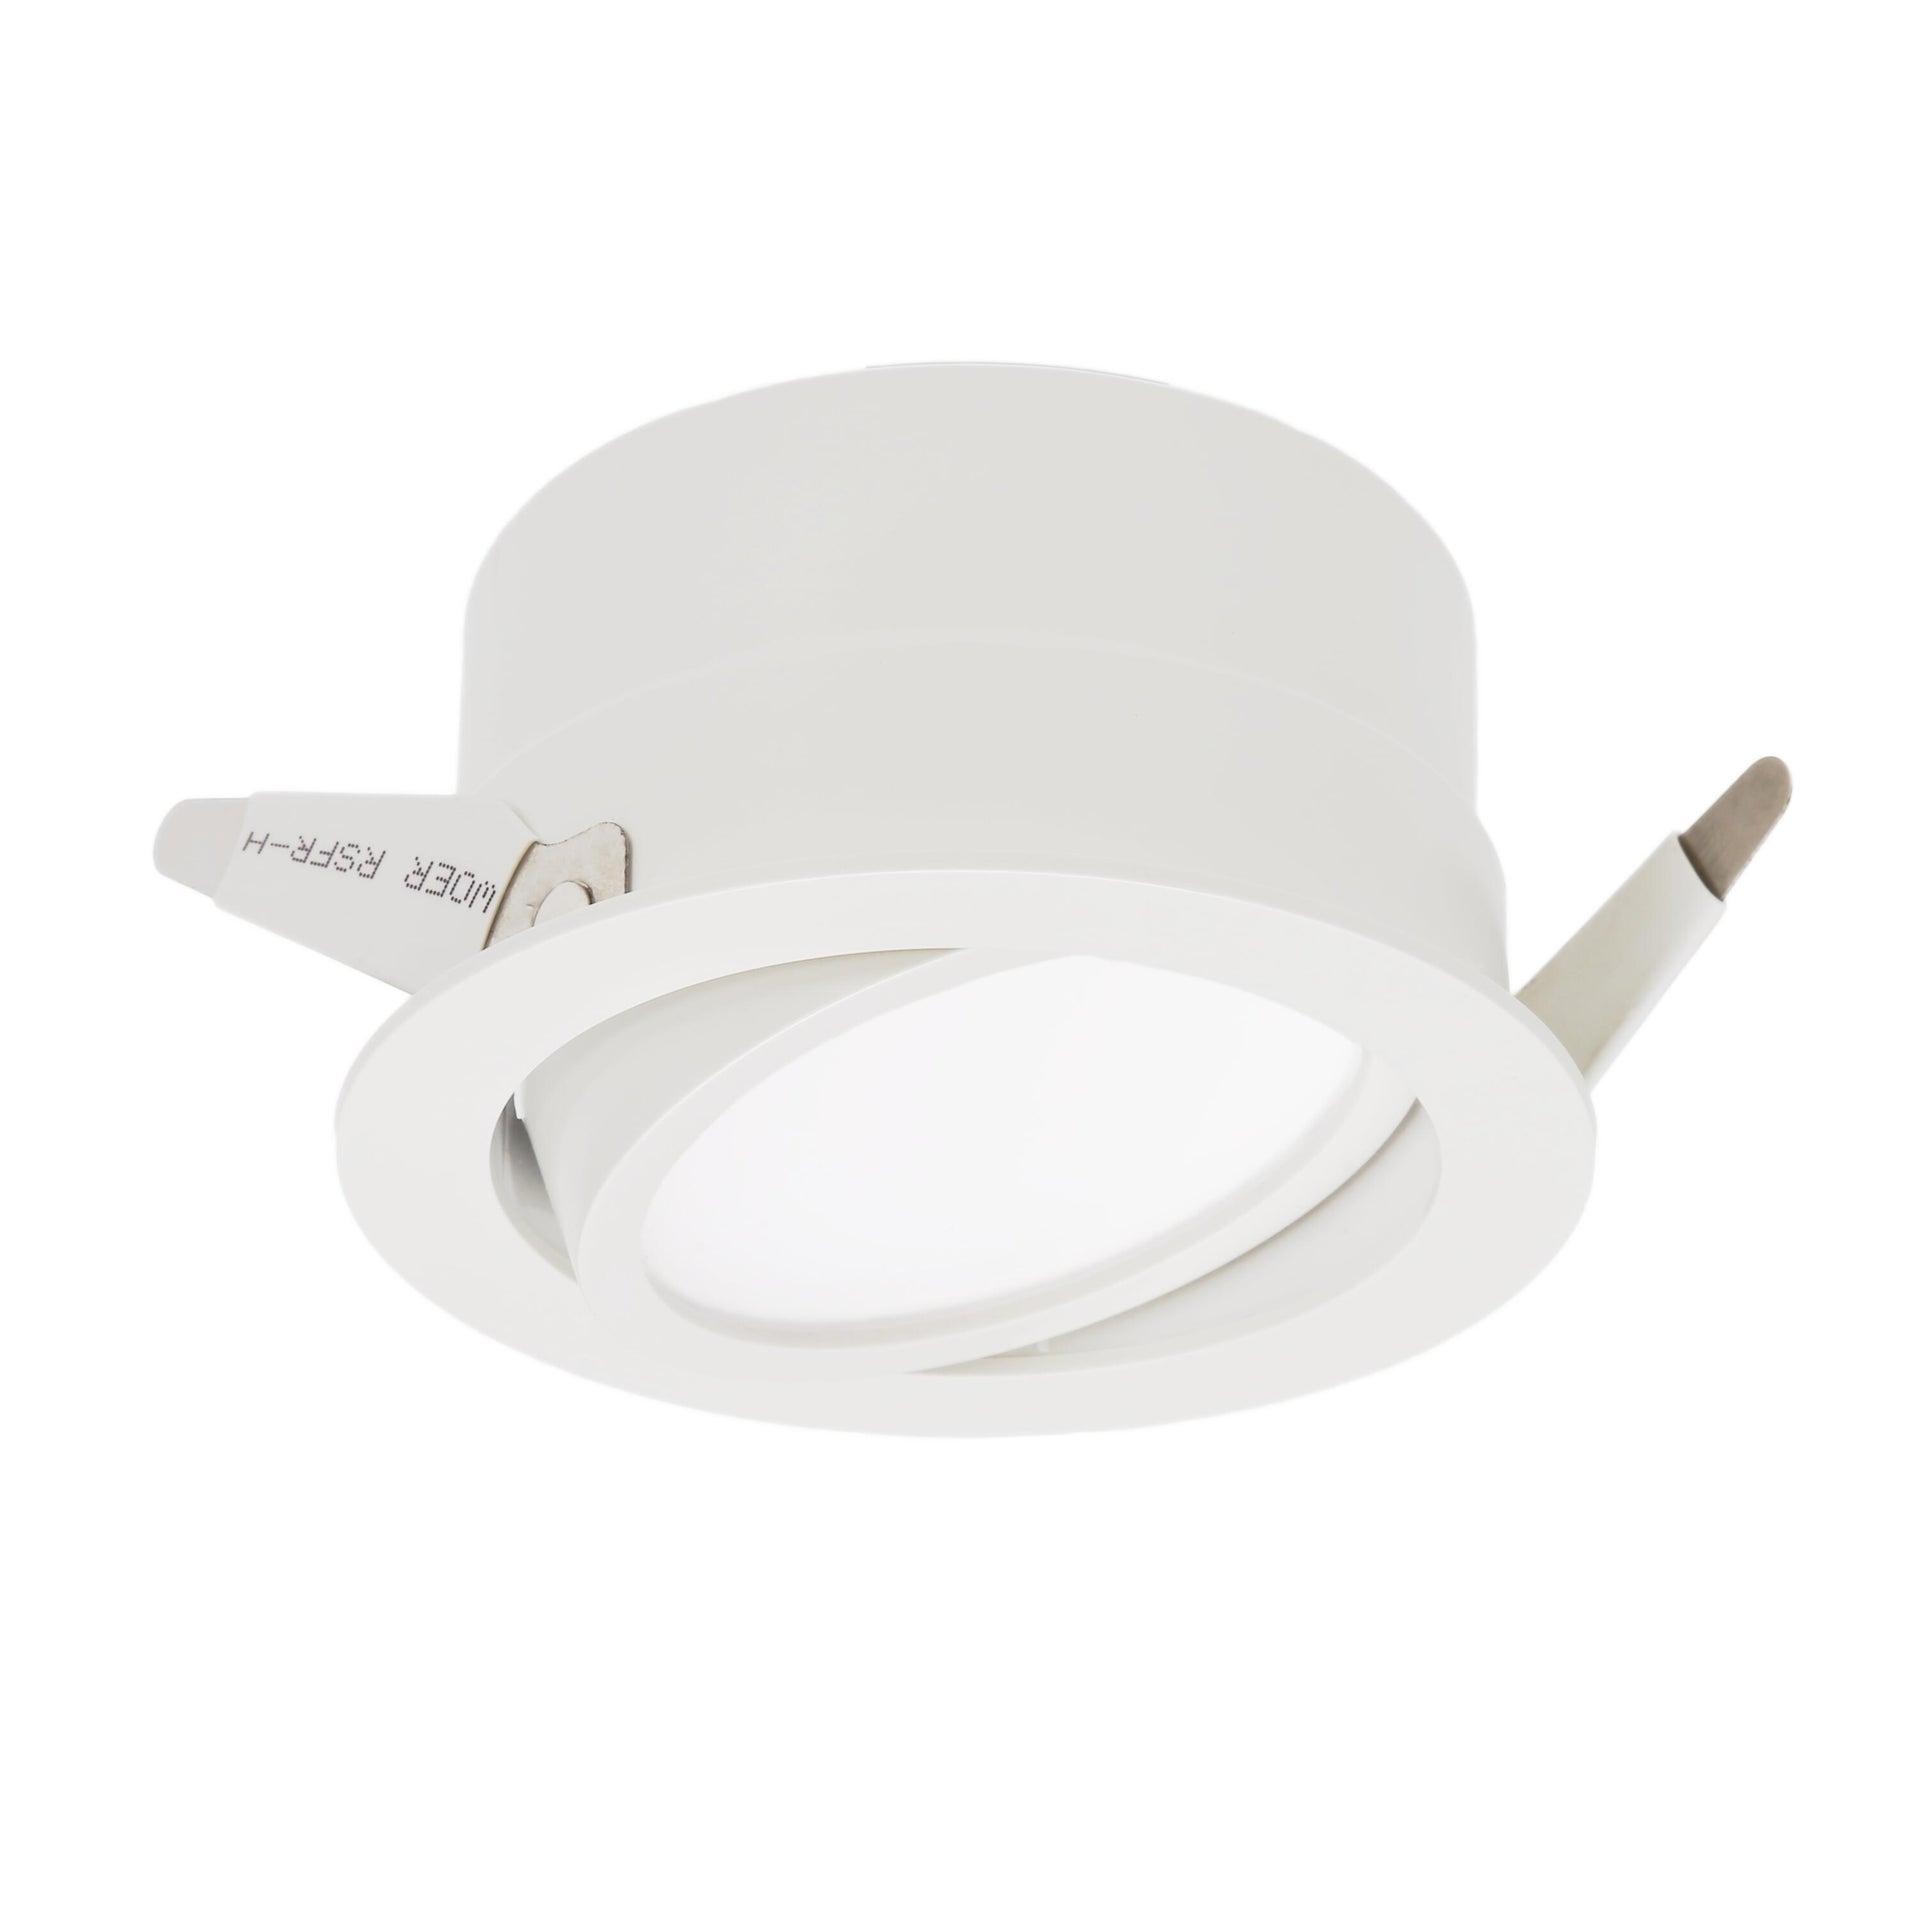 Faretto orientabile da incasso tondo Ori Lindi bianco, diam. 9 cm LED integrato 6.3W 550LM IP65 INSPIRE - 2